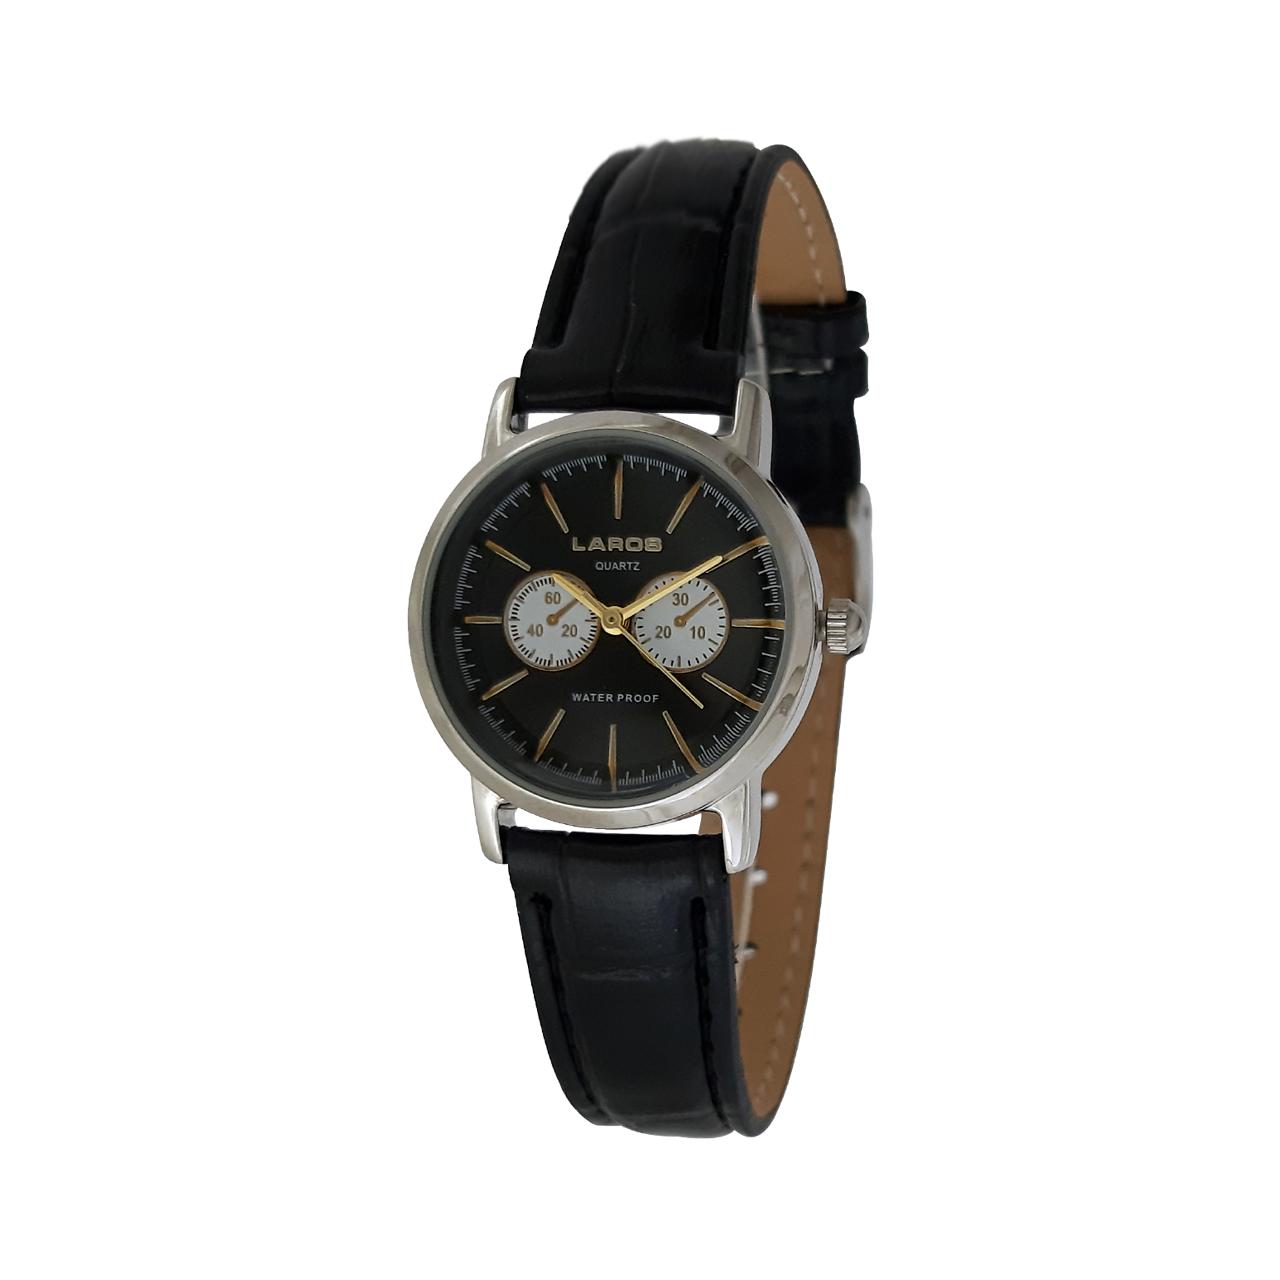 ساعت مچی عقربه ای زنانه لاروس مدل 0215-79530-s به همراه دستمال مخصوص برند کلین واچ 28